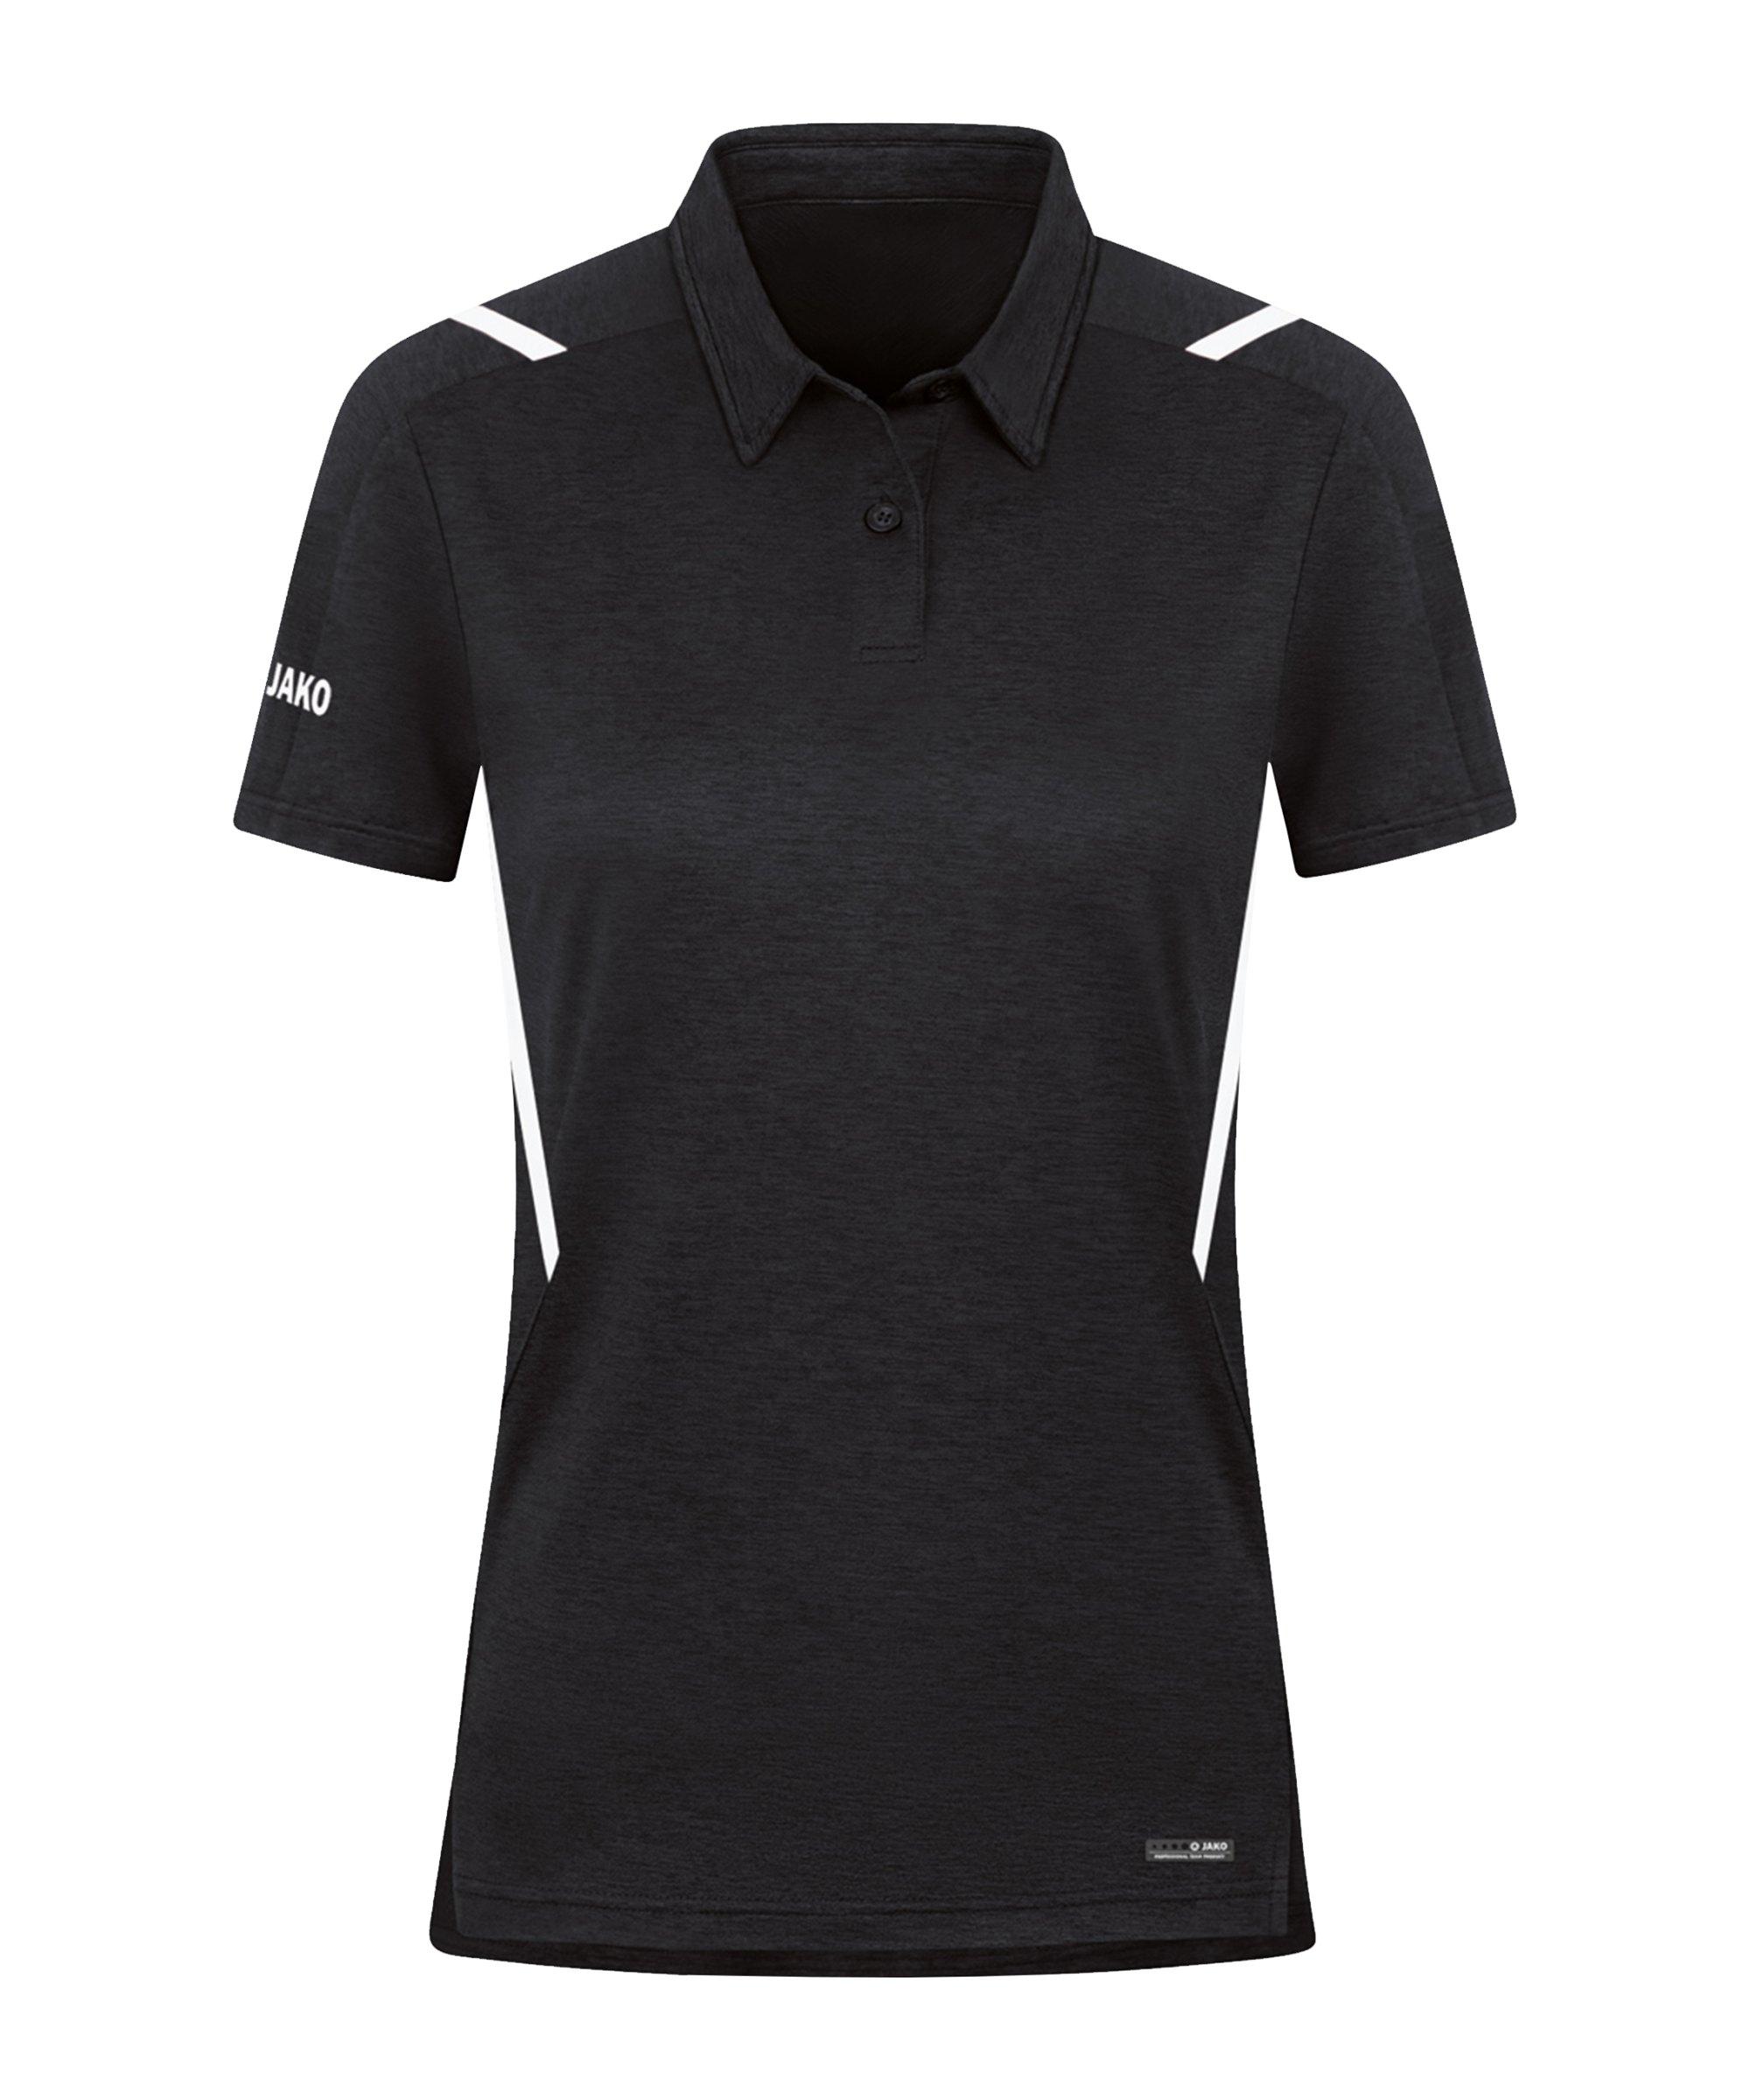 JAKO Challenge Polo Damen Schwarz F501 - schwarz